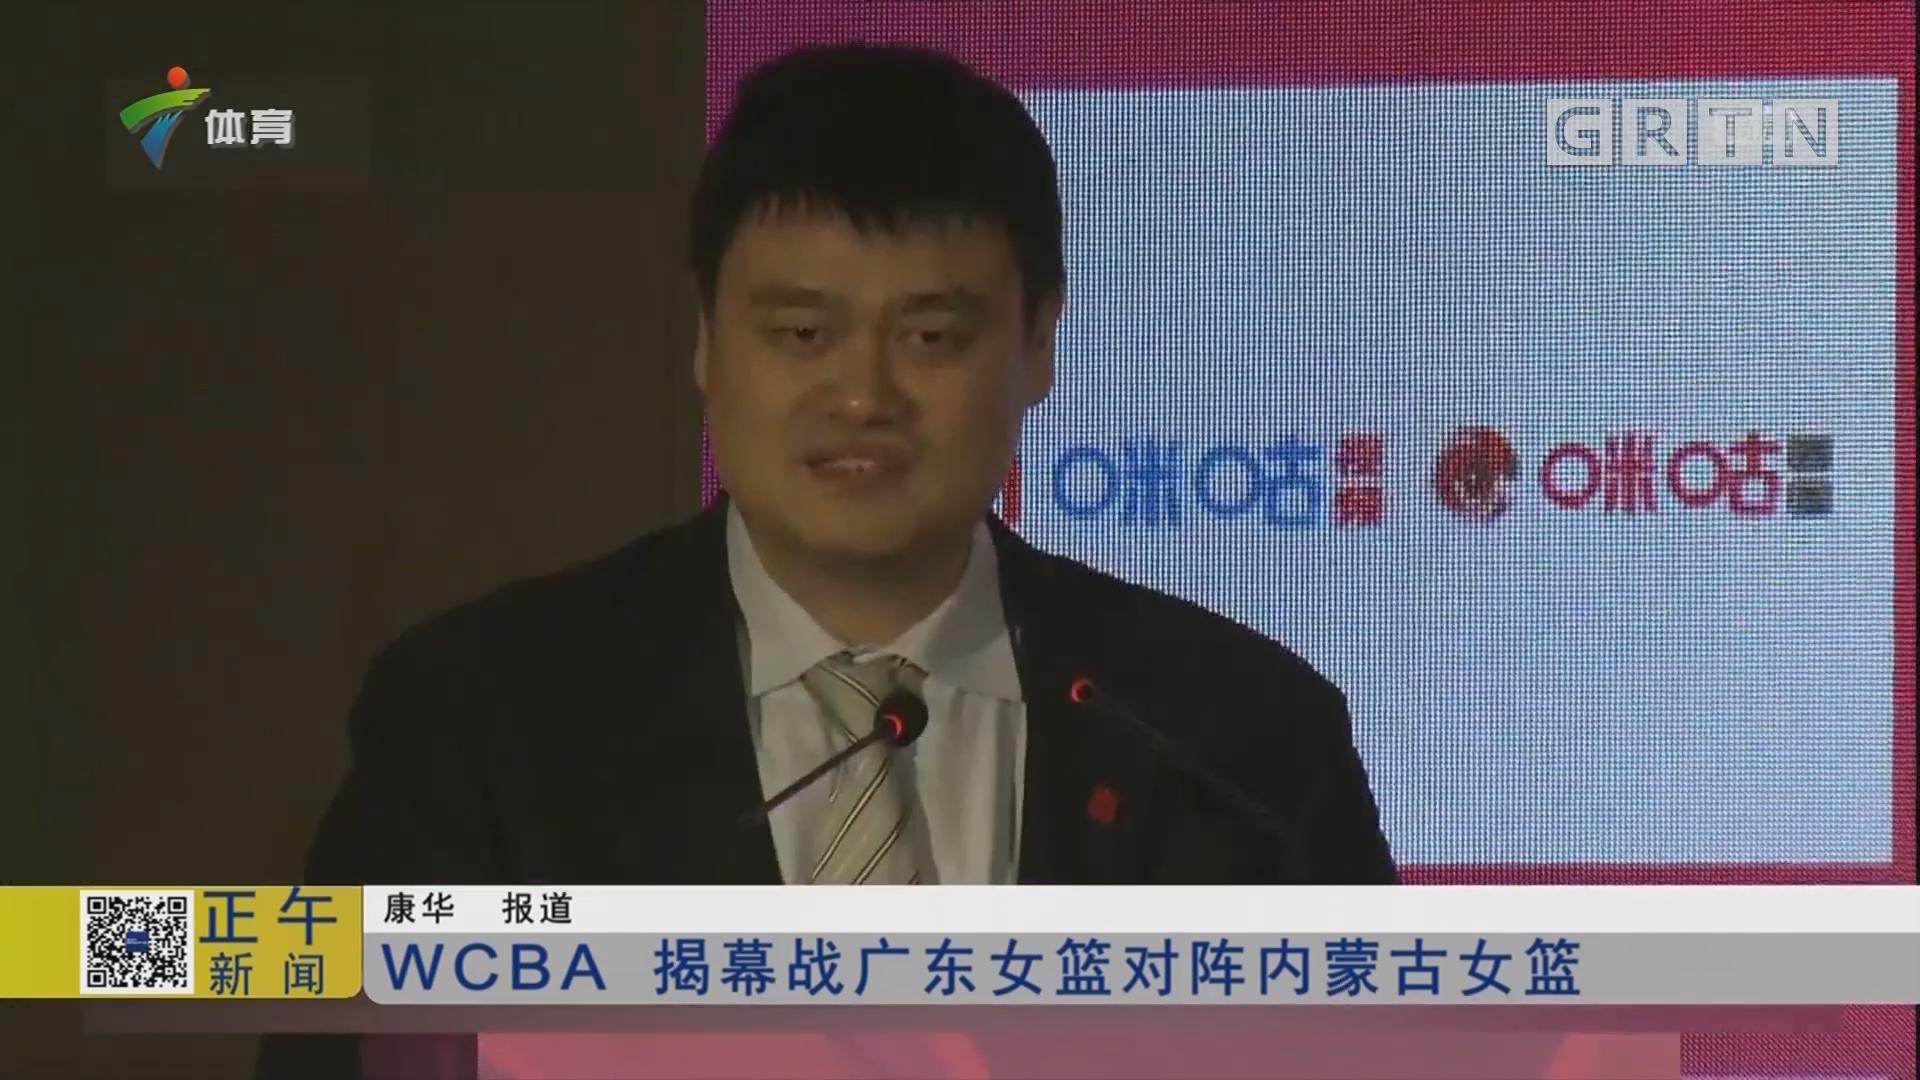 WCBA 揭幕战广东女篮对阵内蒙古女篮